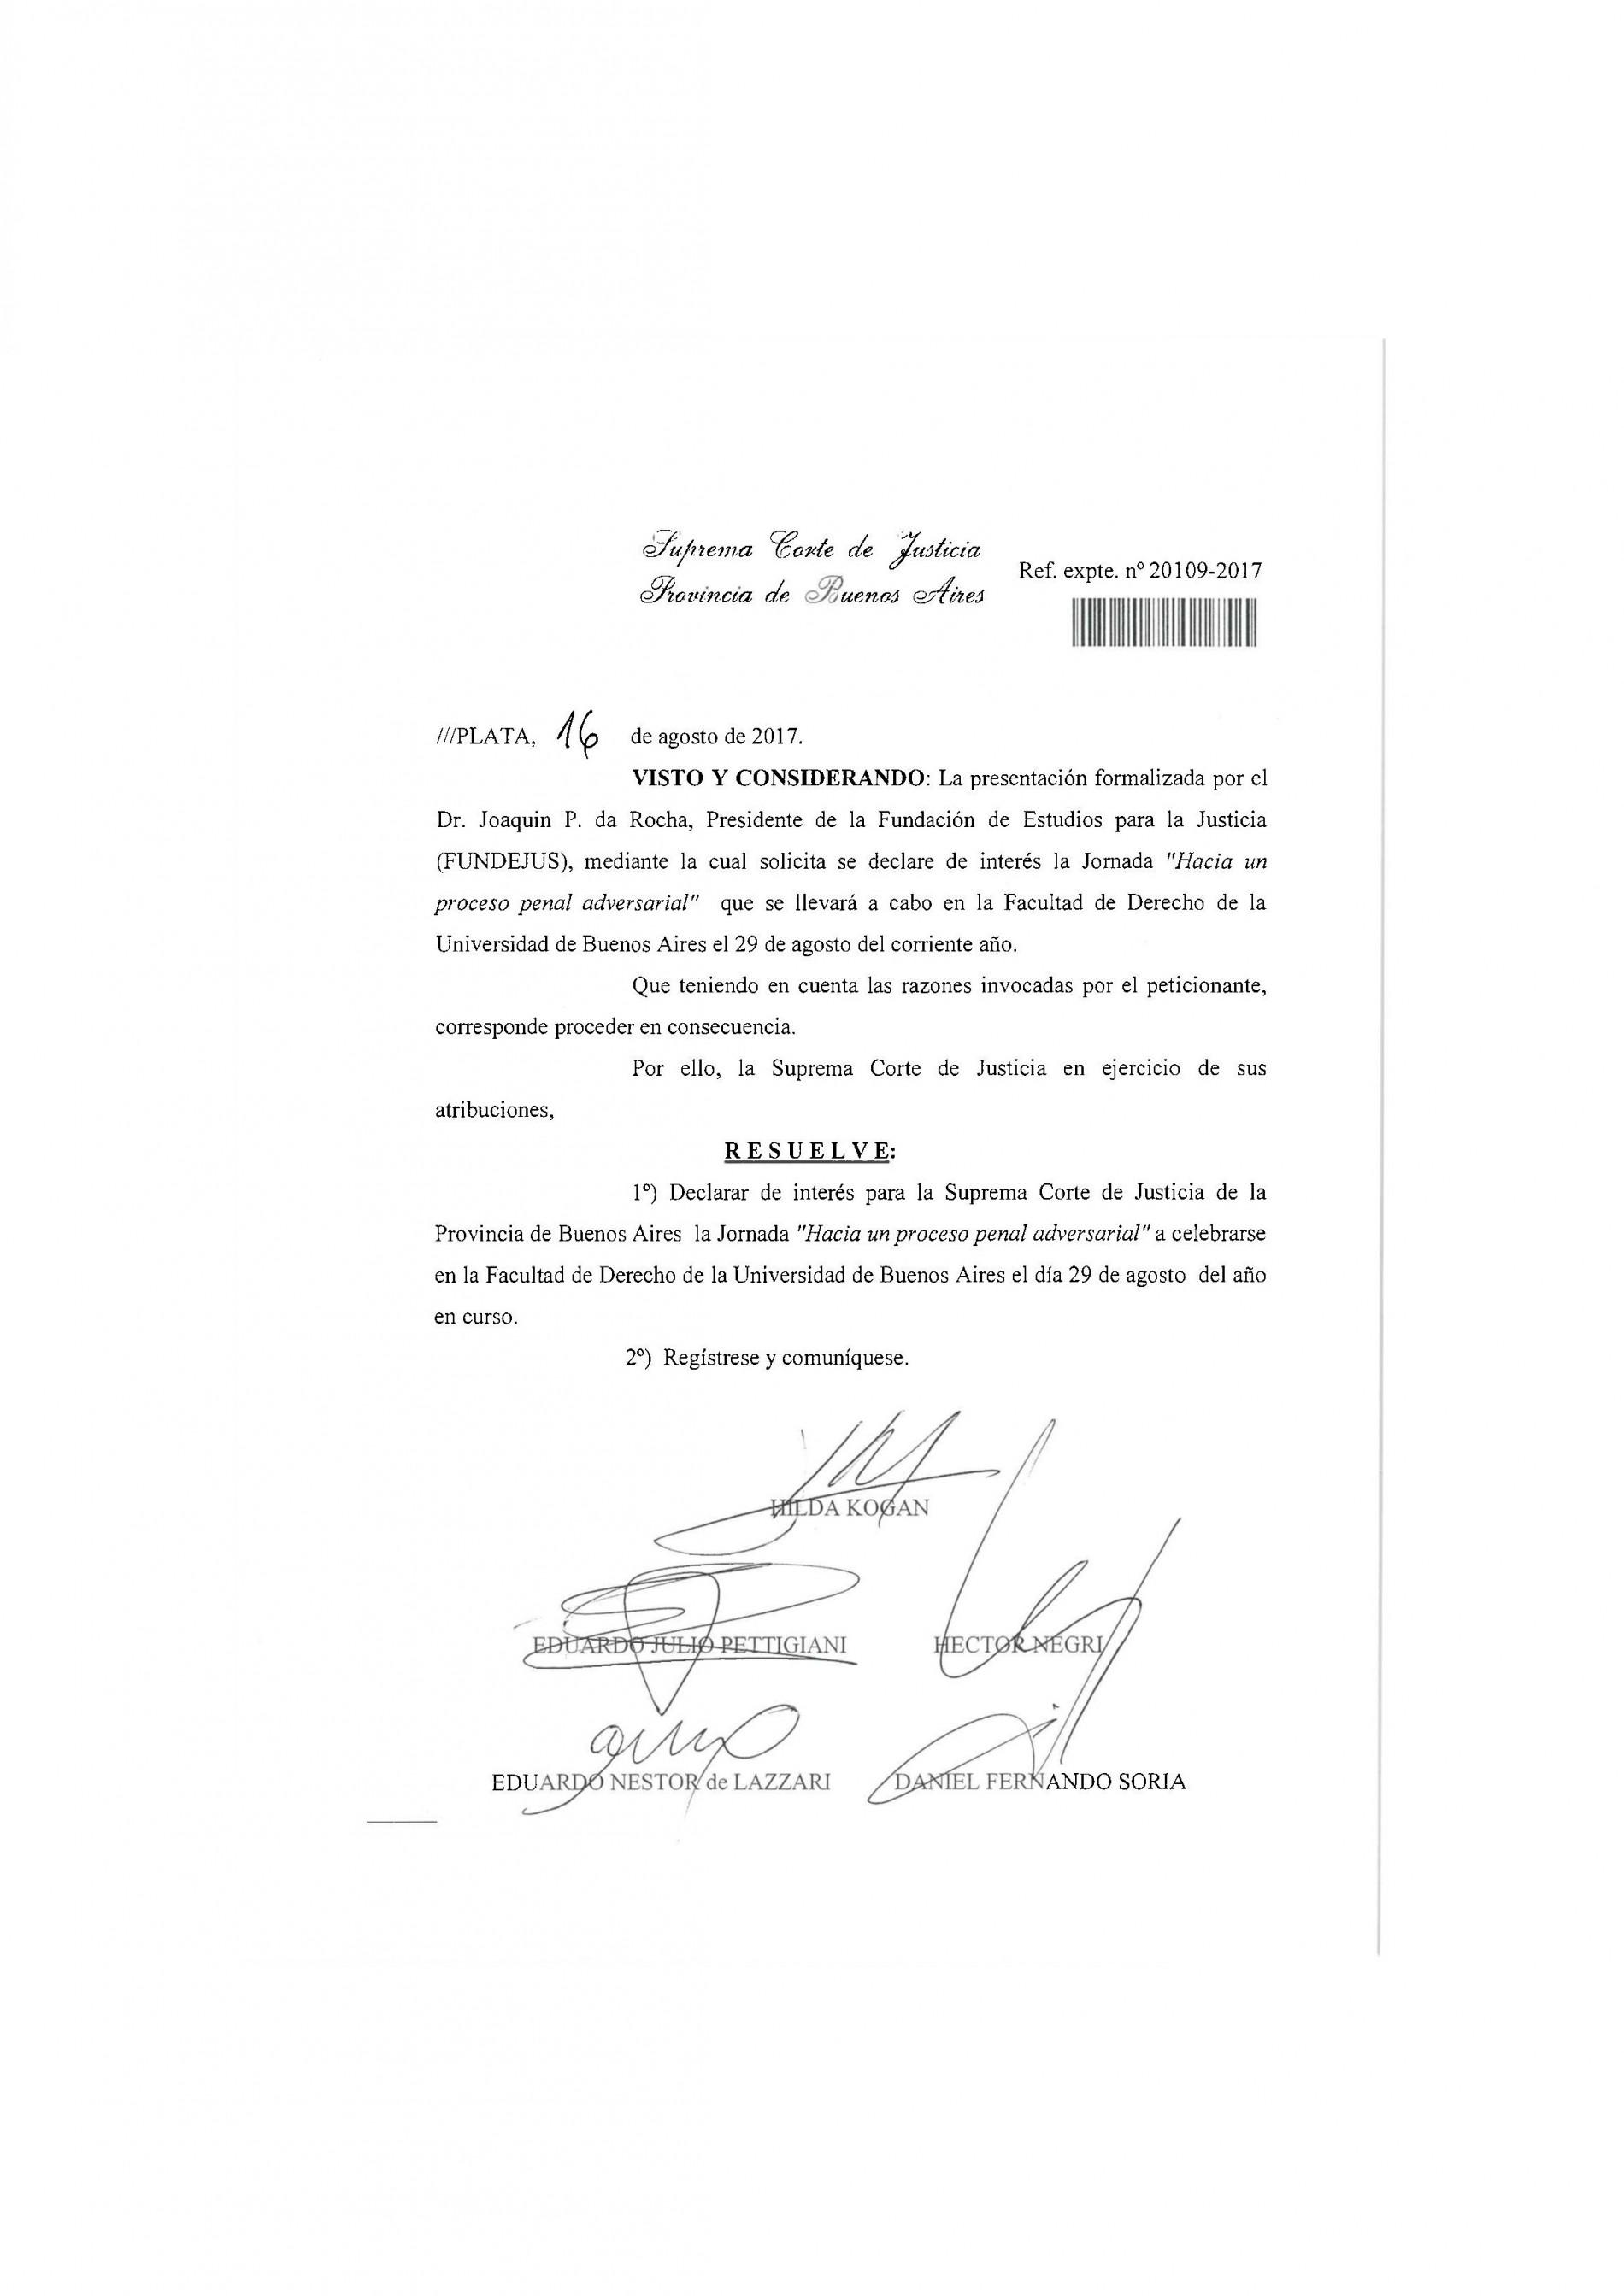 » Hacia un proceso penal adversarial «: Declaración de interés de la Suprema Corte de Justicia de la provincia de Bs.As